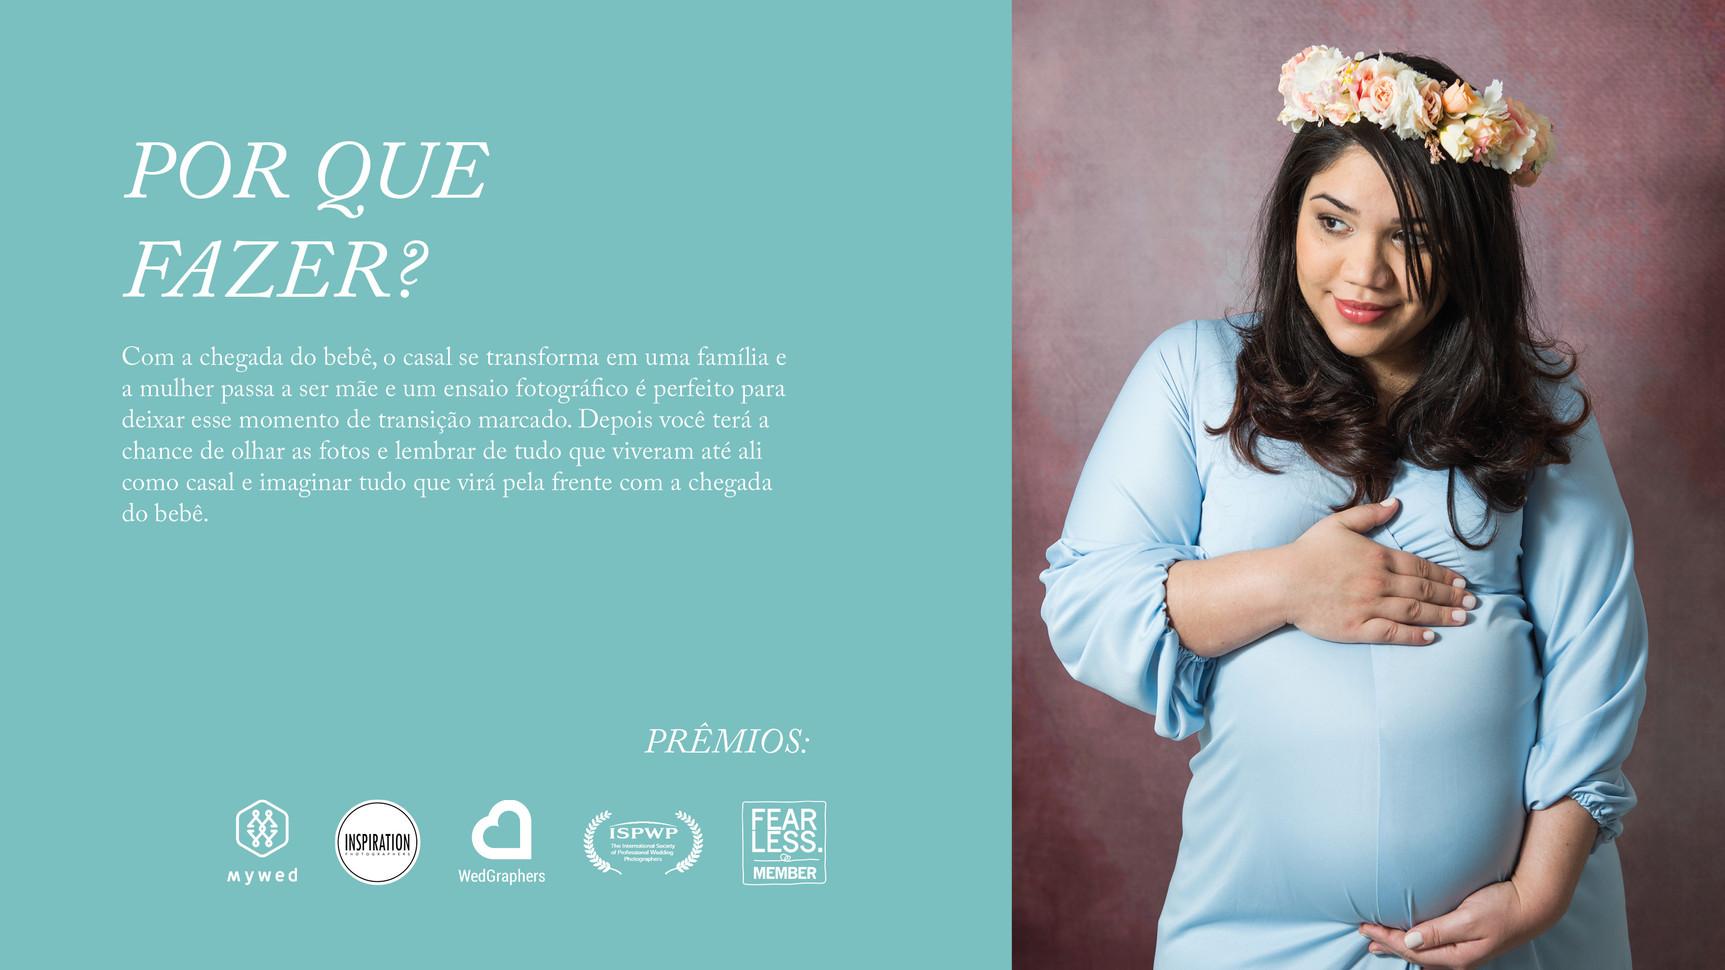 amaro fotografia melhores fotógrafos abc estudio casamento ensaio gestante grávida cenario newborn bebe